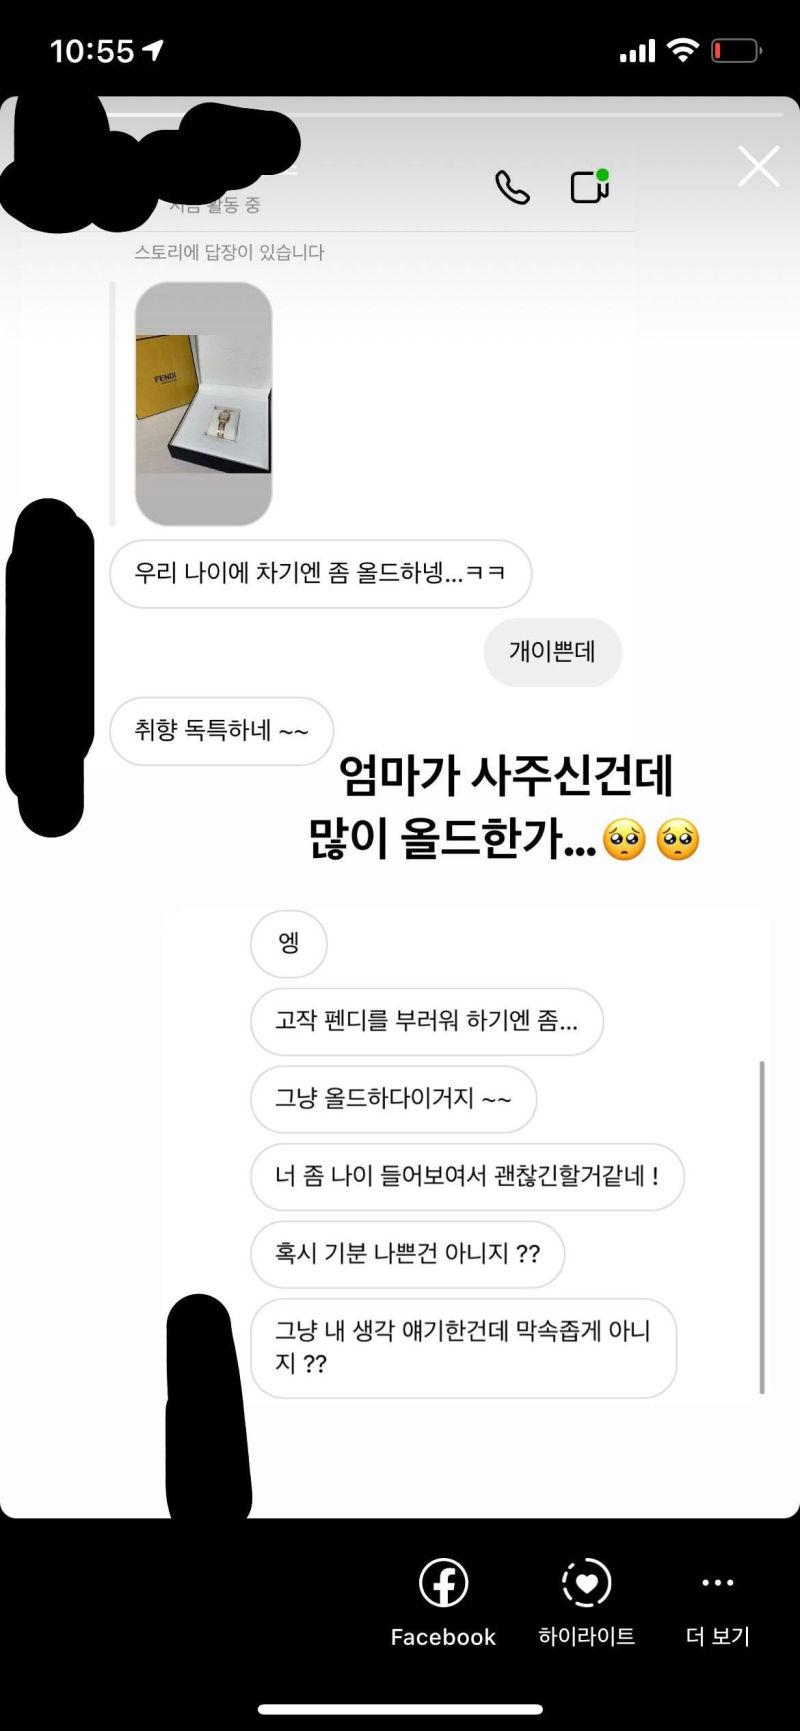 공개처형 - 꾸르